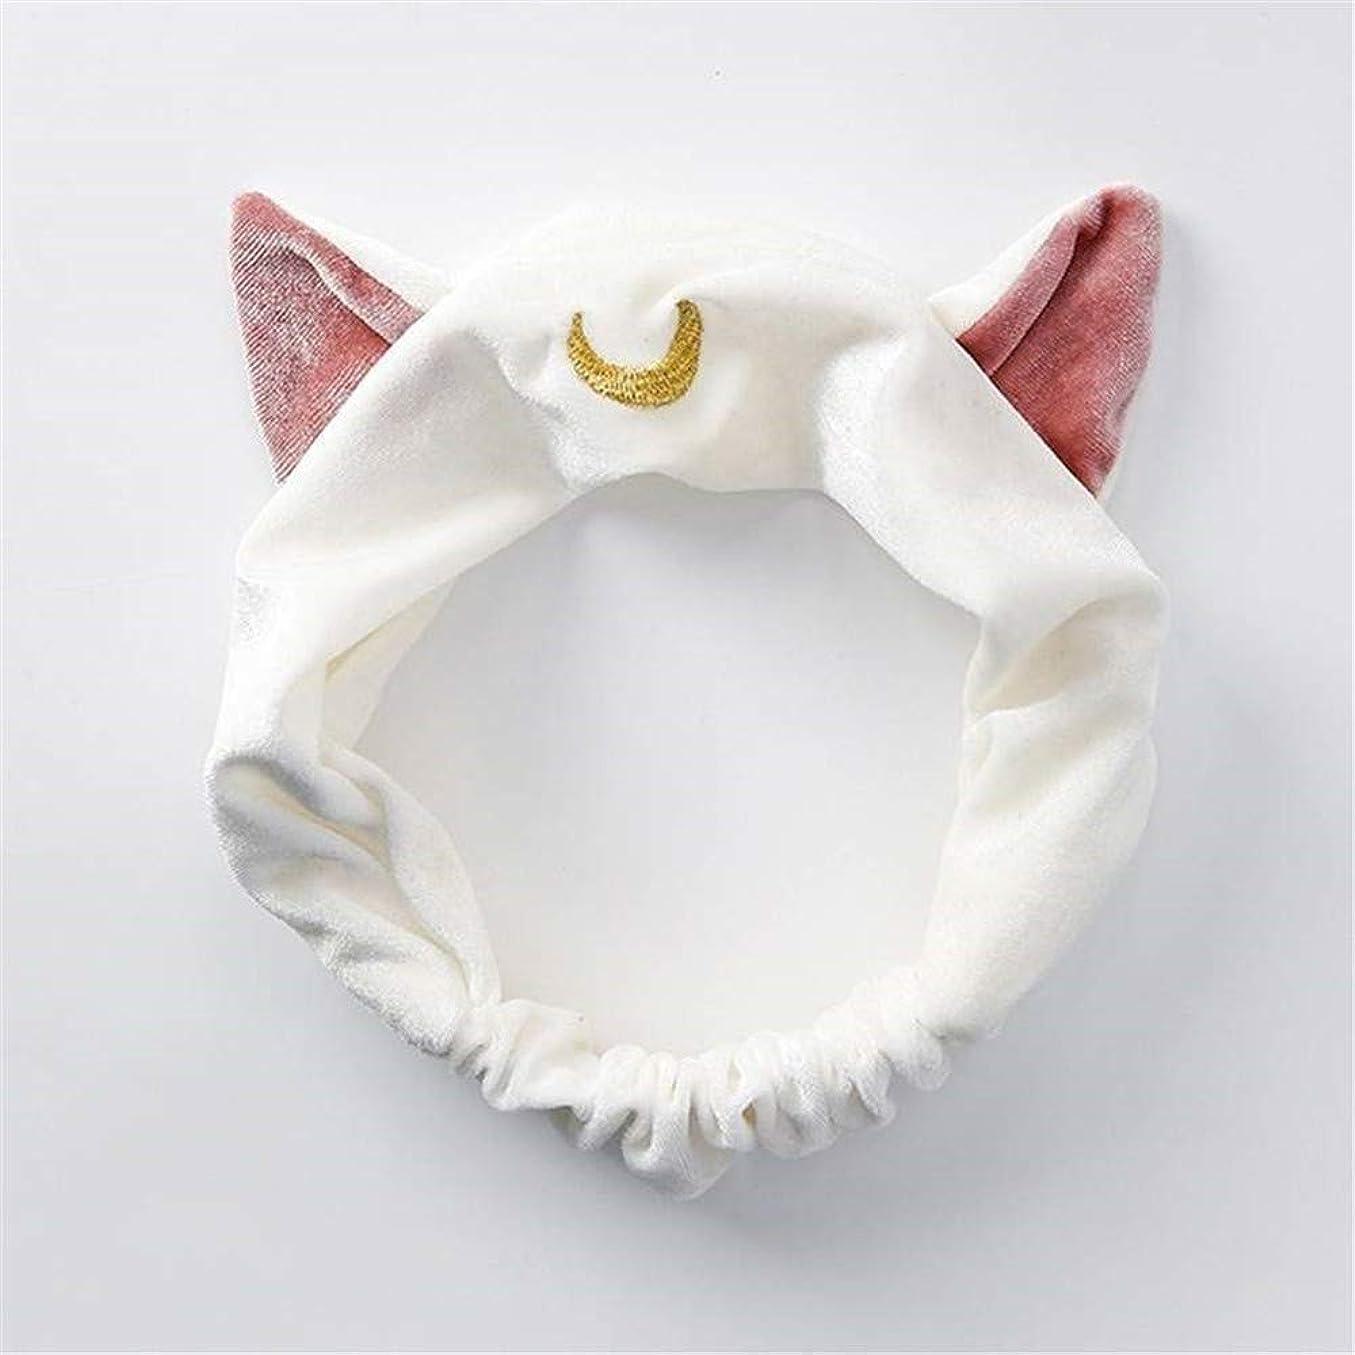 誇り居心地の良いシャーファッションセーラームーンアルテミス風のヘアバンドかわいい猫美容シャワーヘッドバンド(ホワイト)